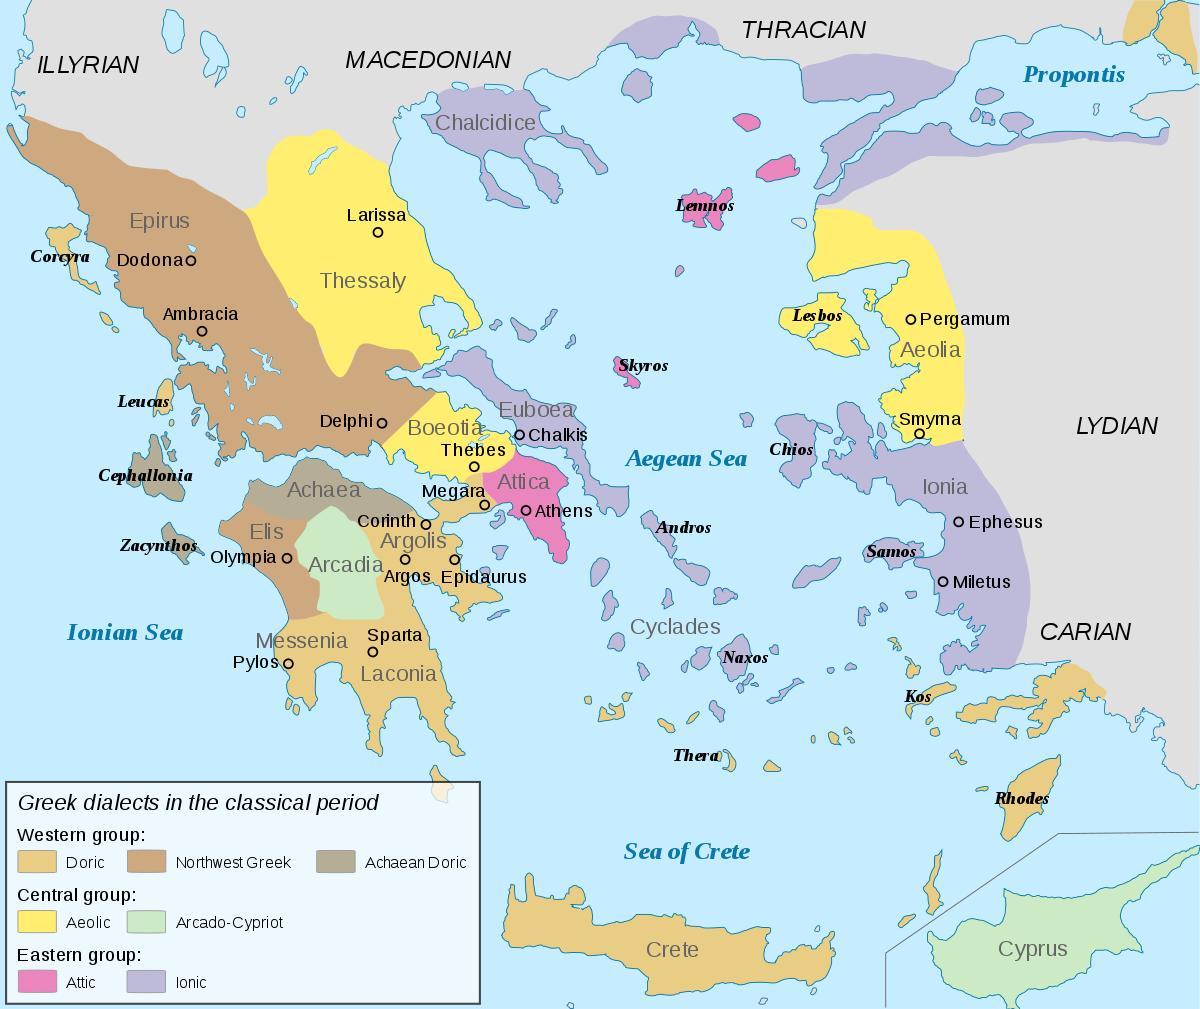 kart over det gamle hellas Det gamle Hellas kart Ionia   Ionia antikkens Hellas kart (Sør  kart over det gamle hellas